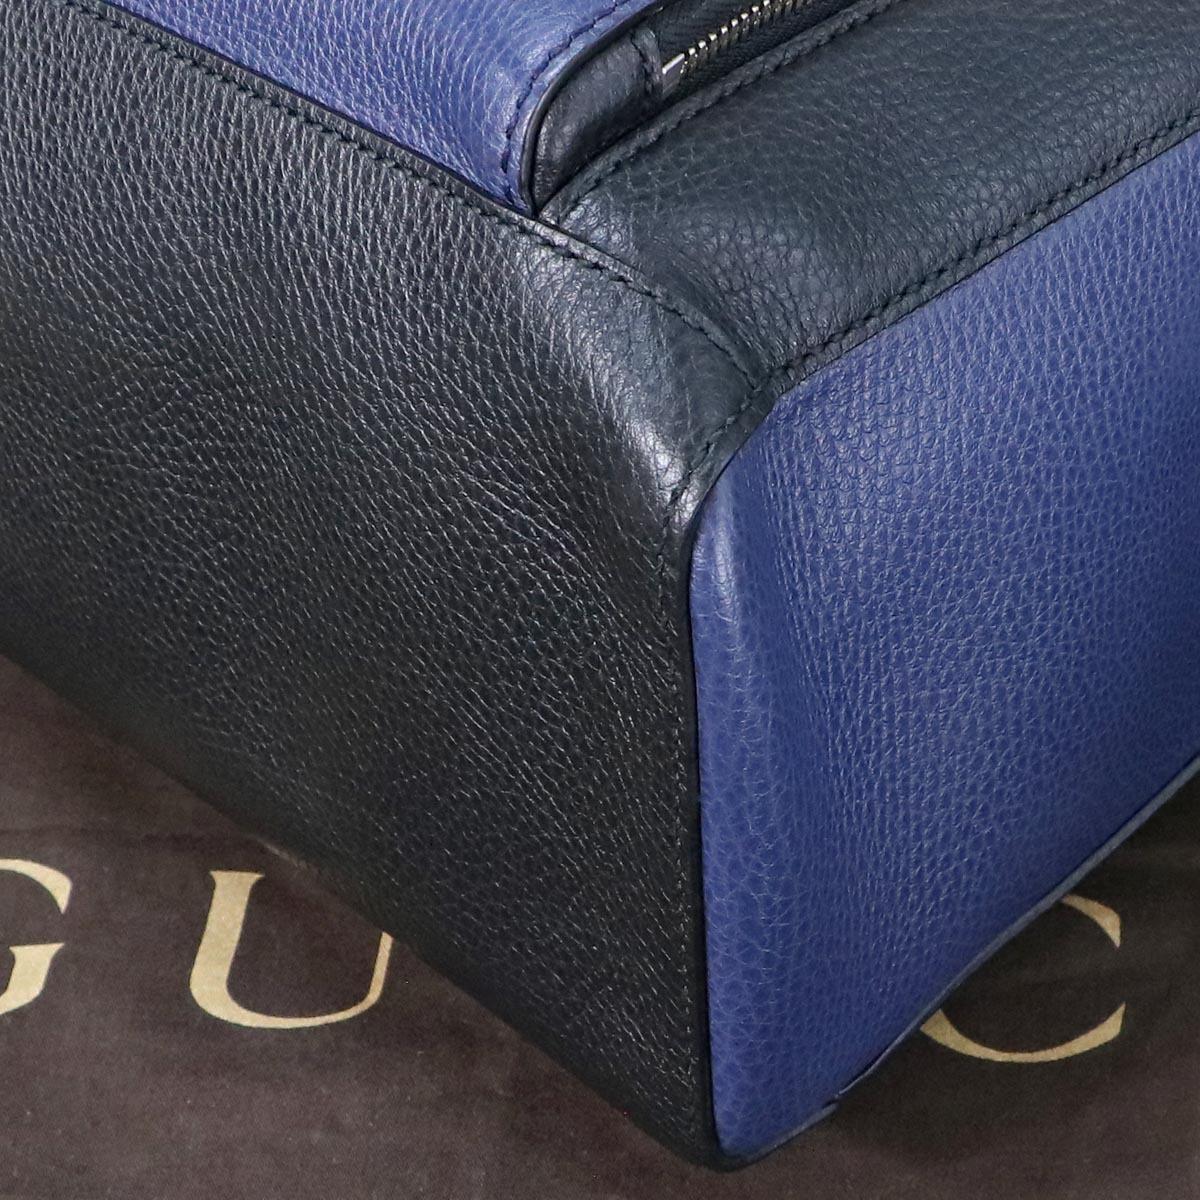 本物 極上品 グッチ 最高級トリヨンレザー コスモポリス 2WAYメンズビジネスバッグ A4書類ブリーフケース トートバッグ 袋 冊子付 GUCCI_画像7